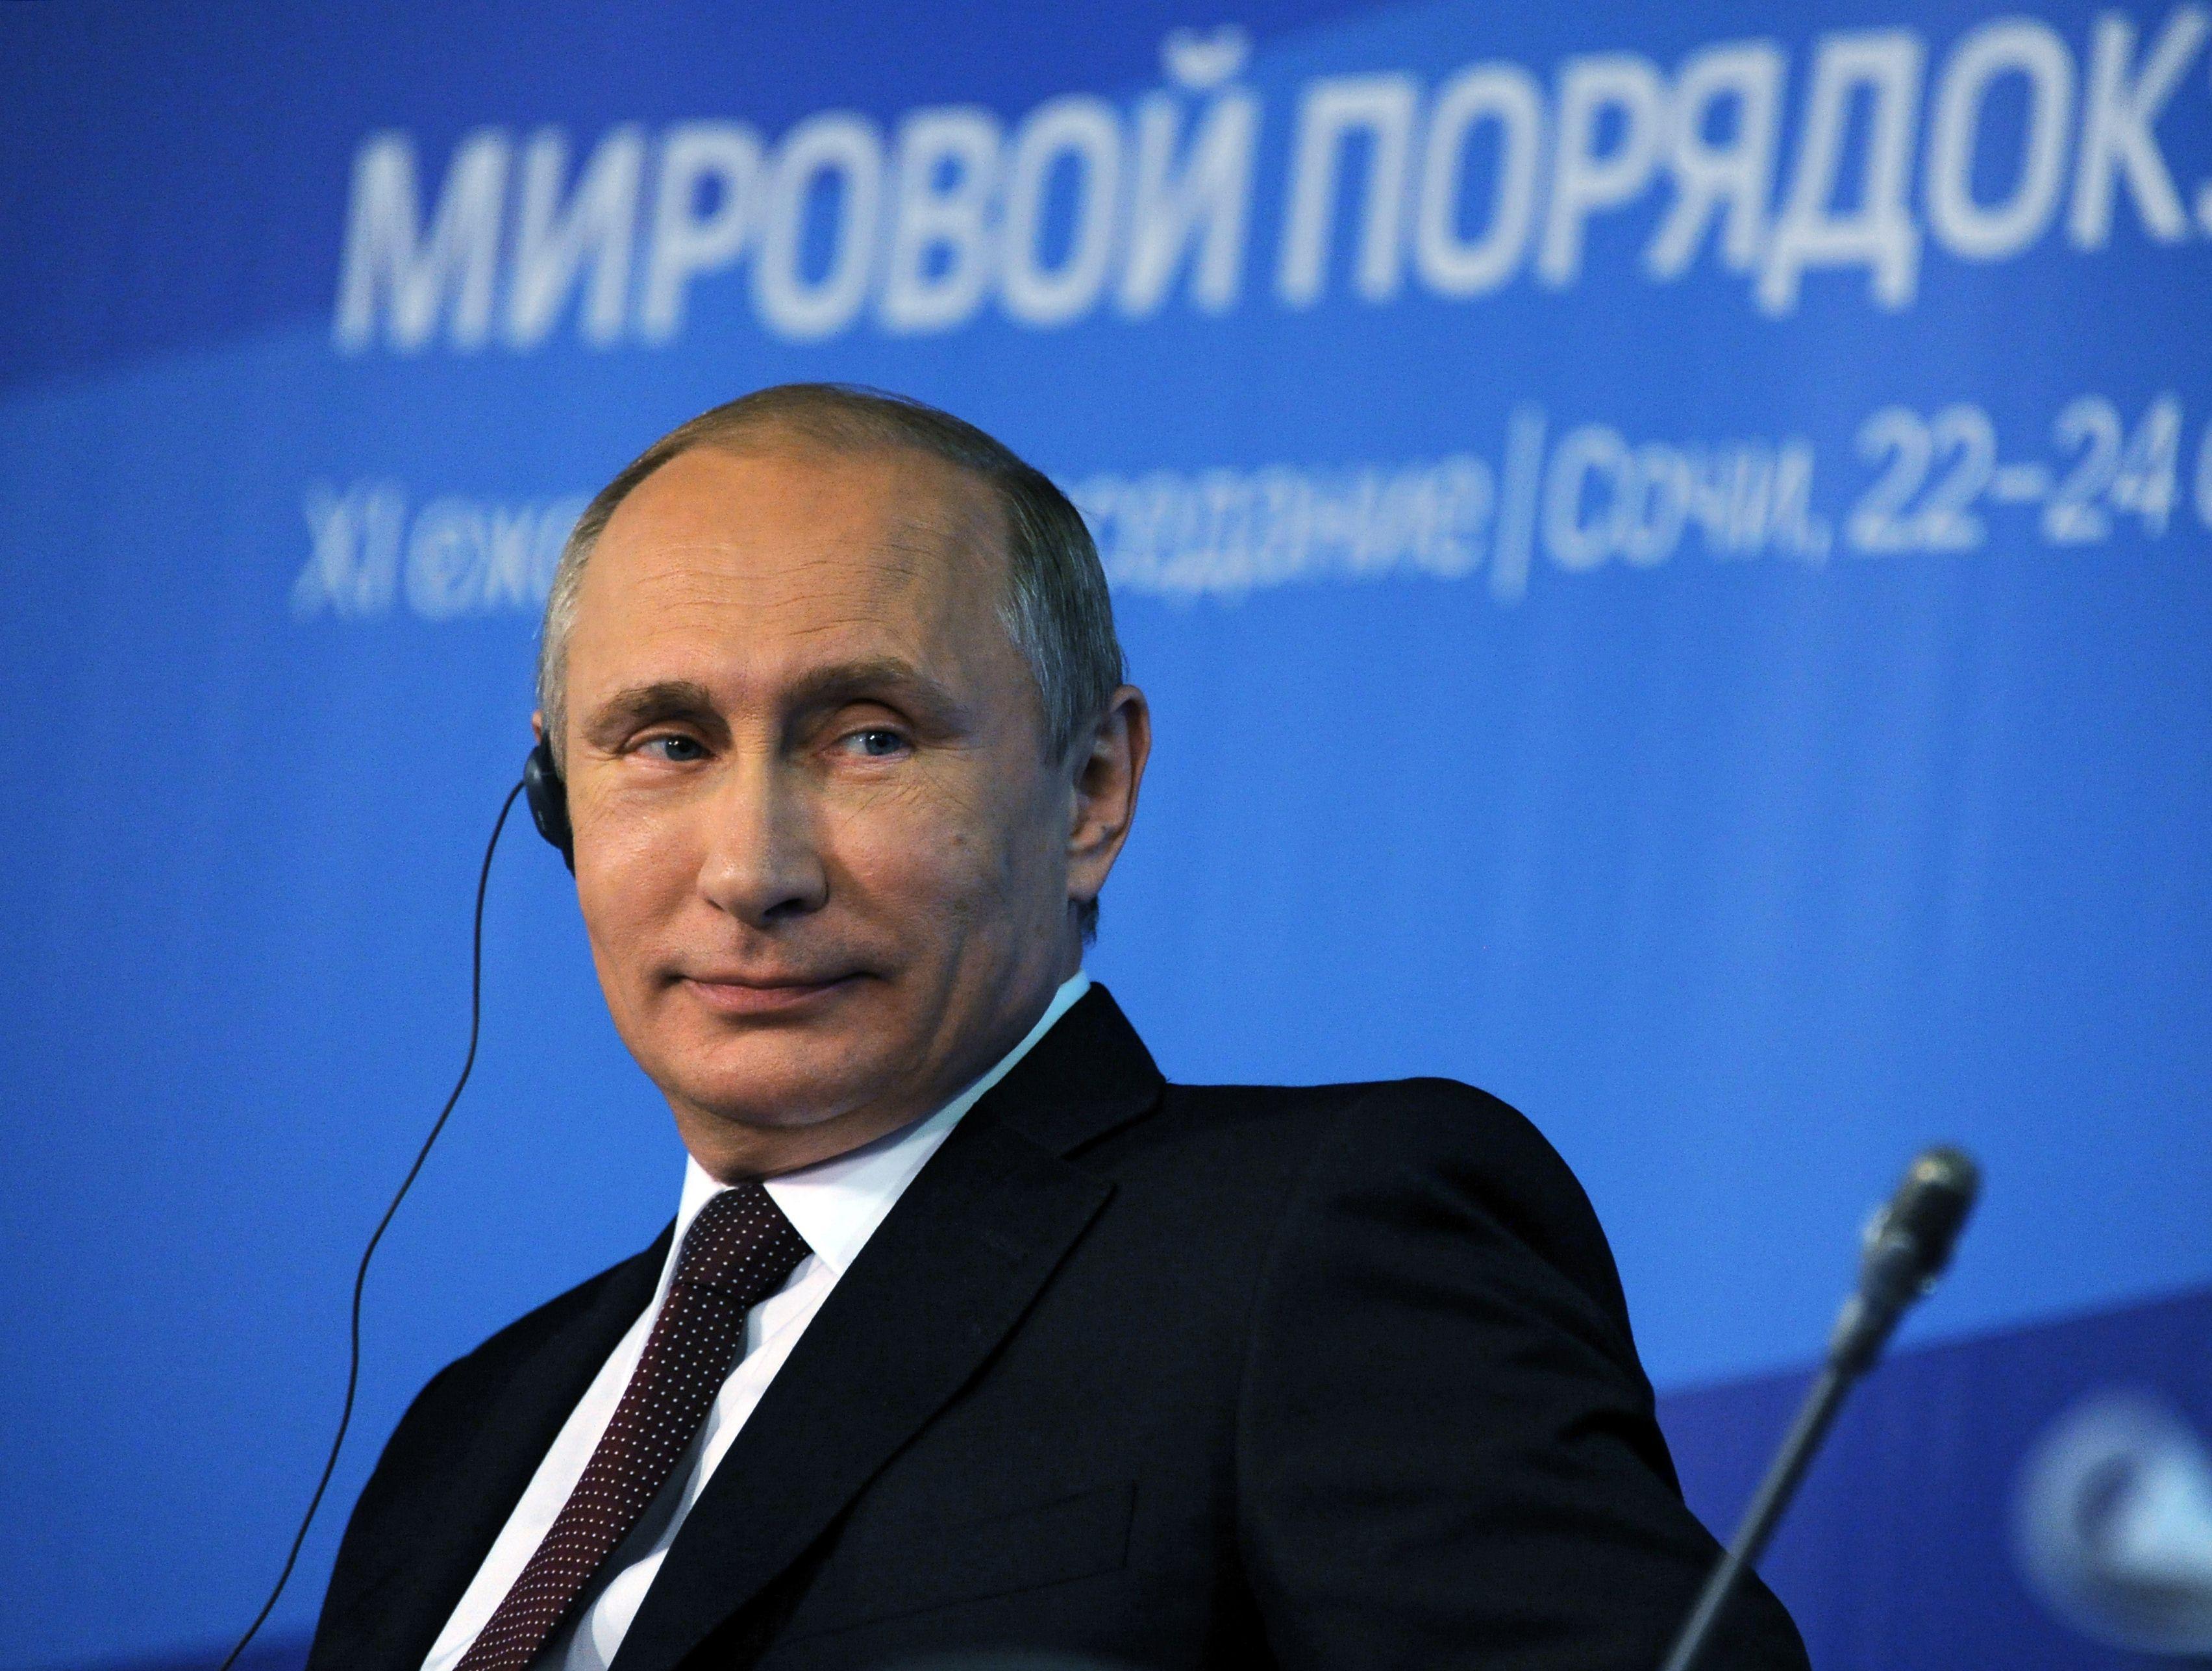 Scenariu neasteptat. Regizorul Oliver Stone vrea sa faca un film despre viata lui Vladimir Putin